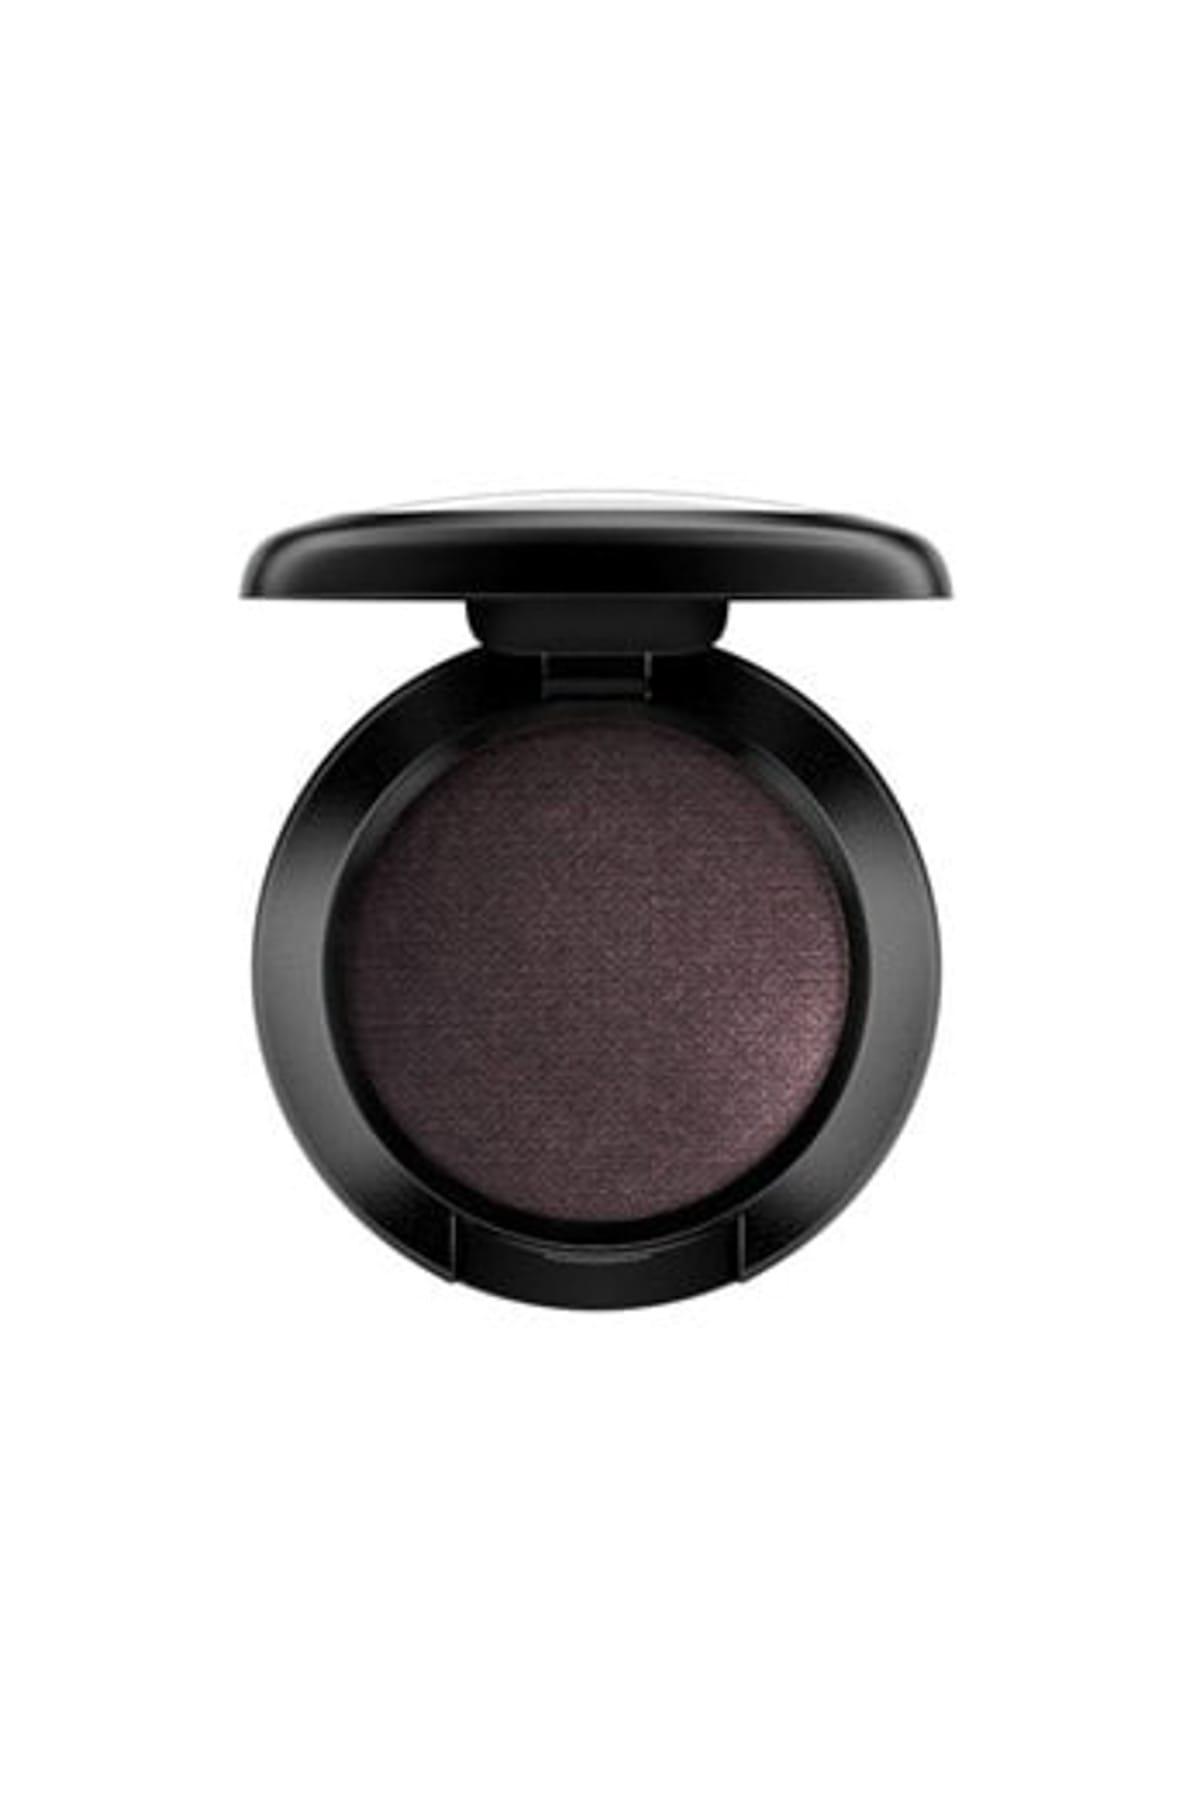 M.A.C Göz Farı - Eye Shadow Smut 1.5 g 773602024834 1